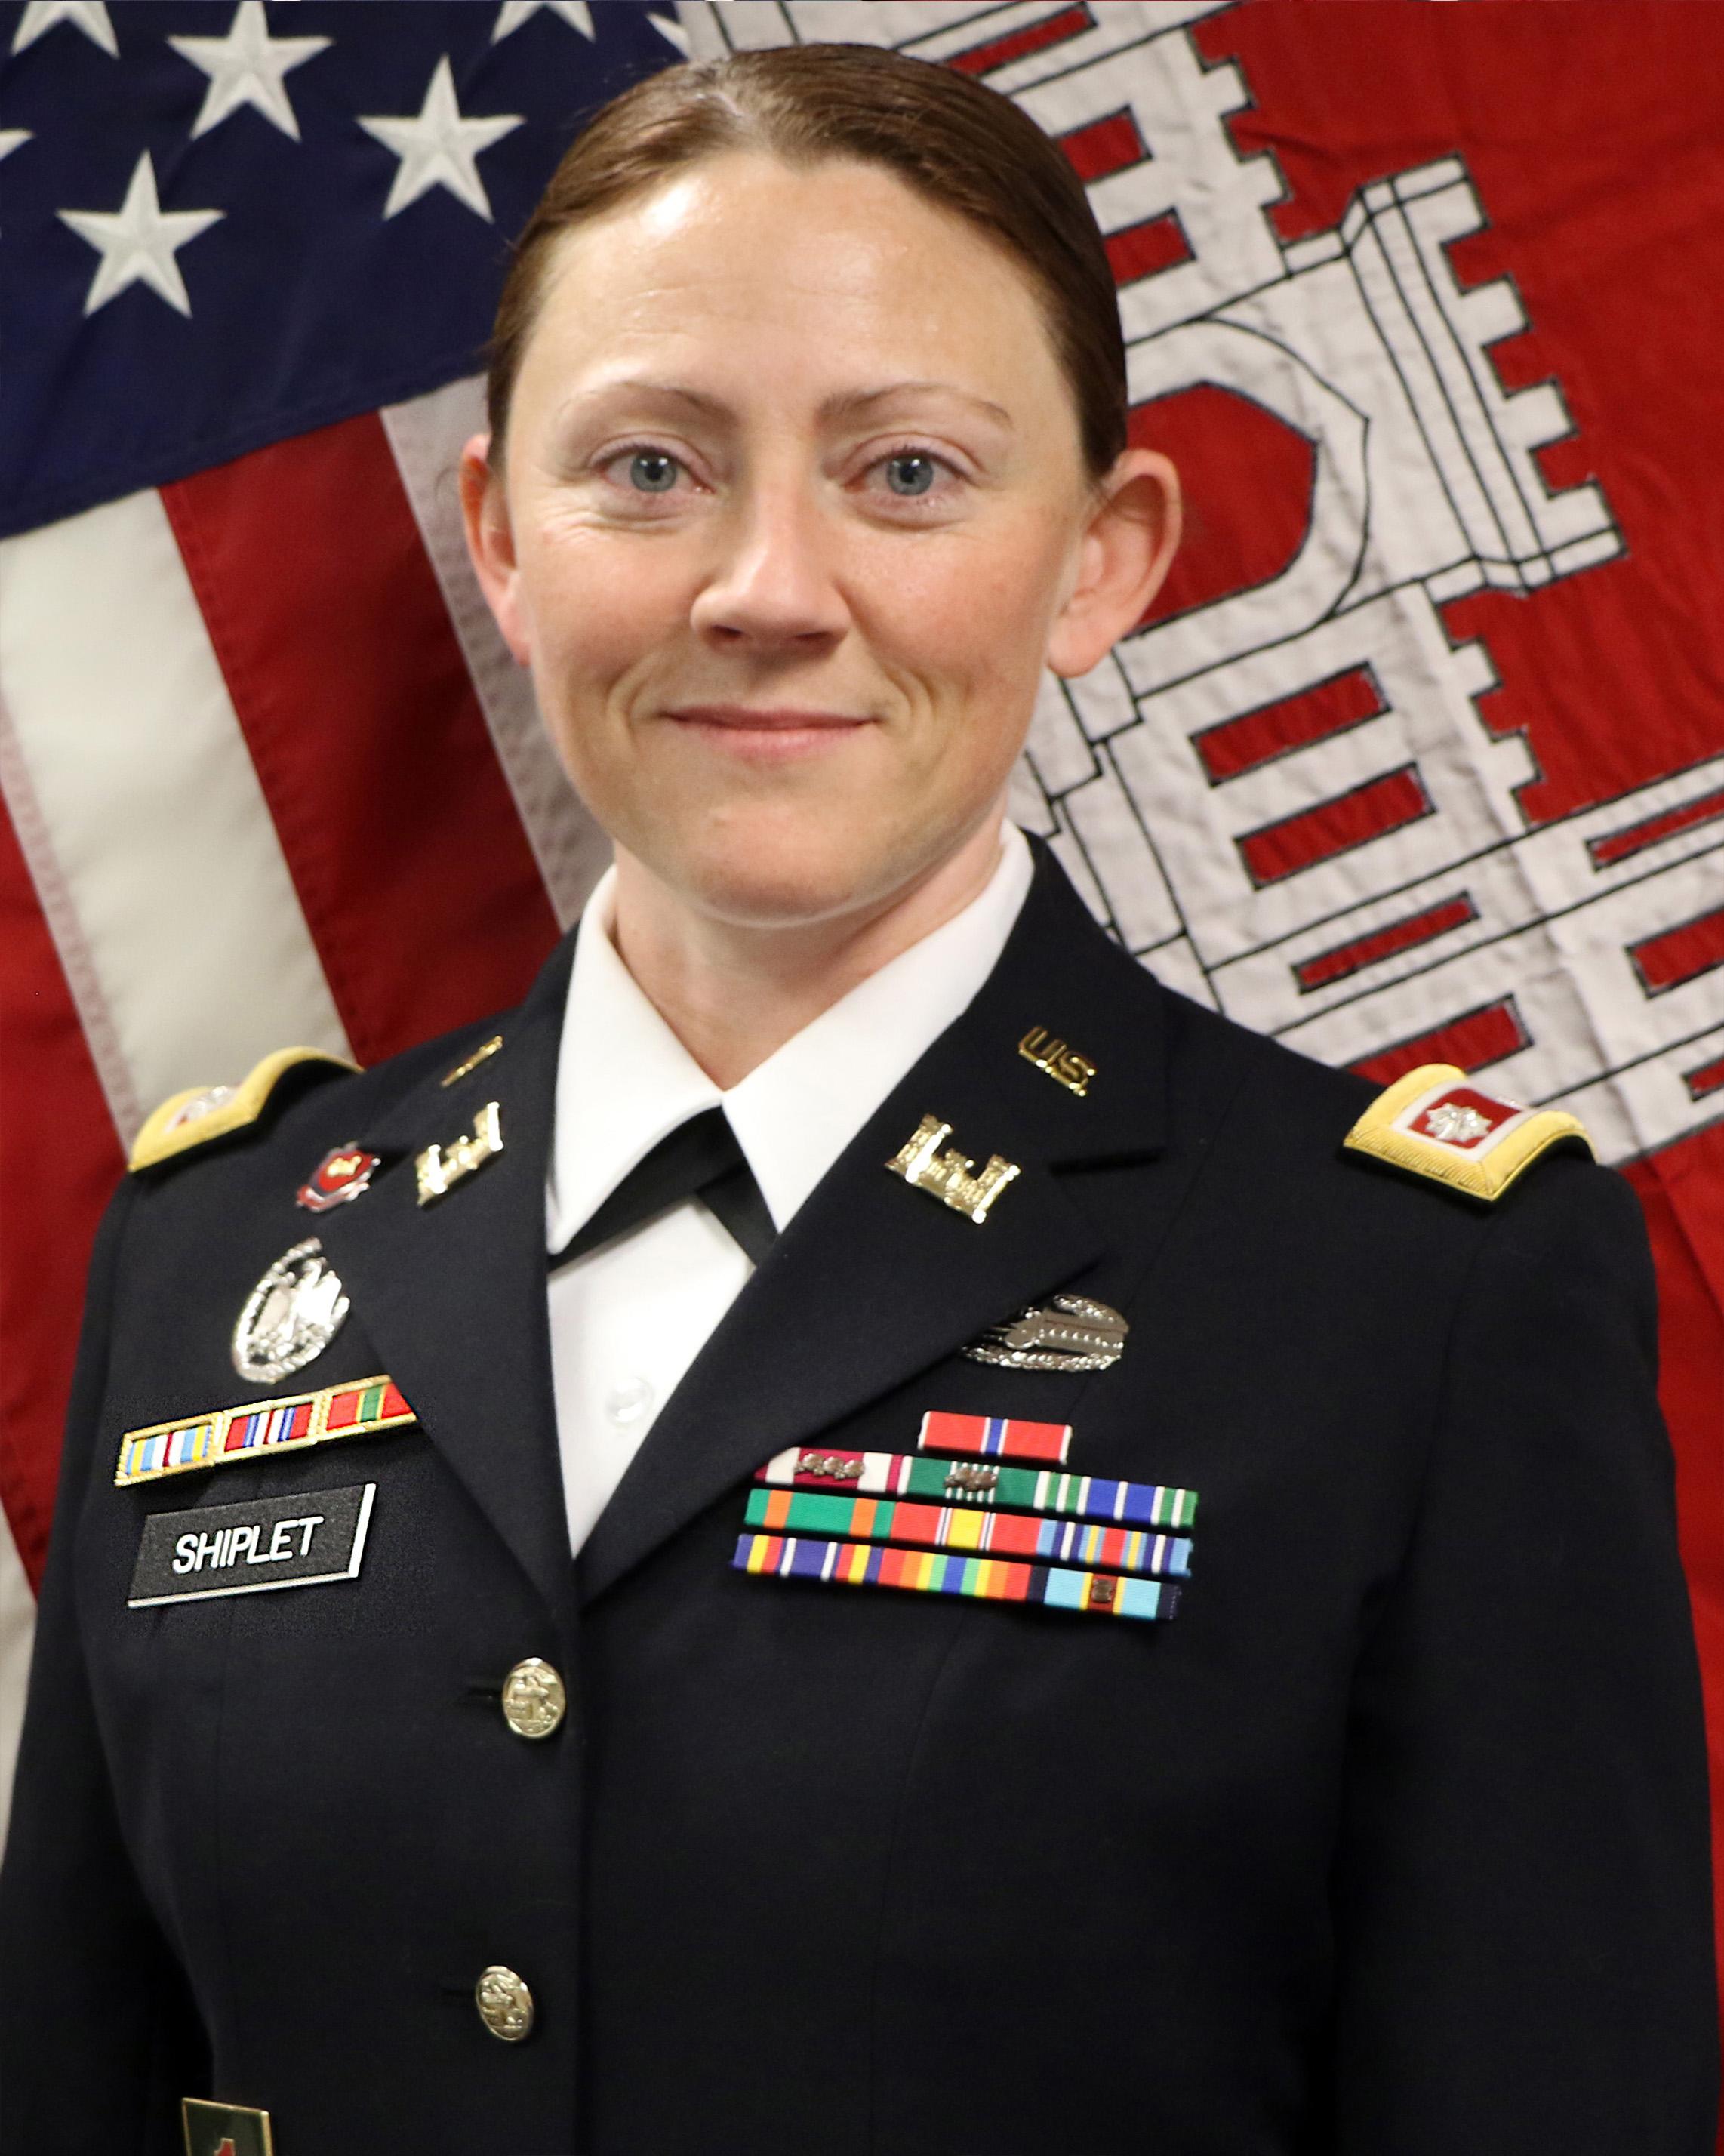 Lt. Col. Laura Shiplet - View Bio